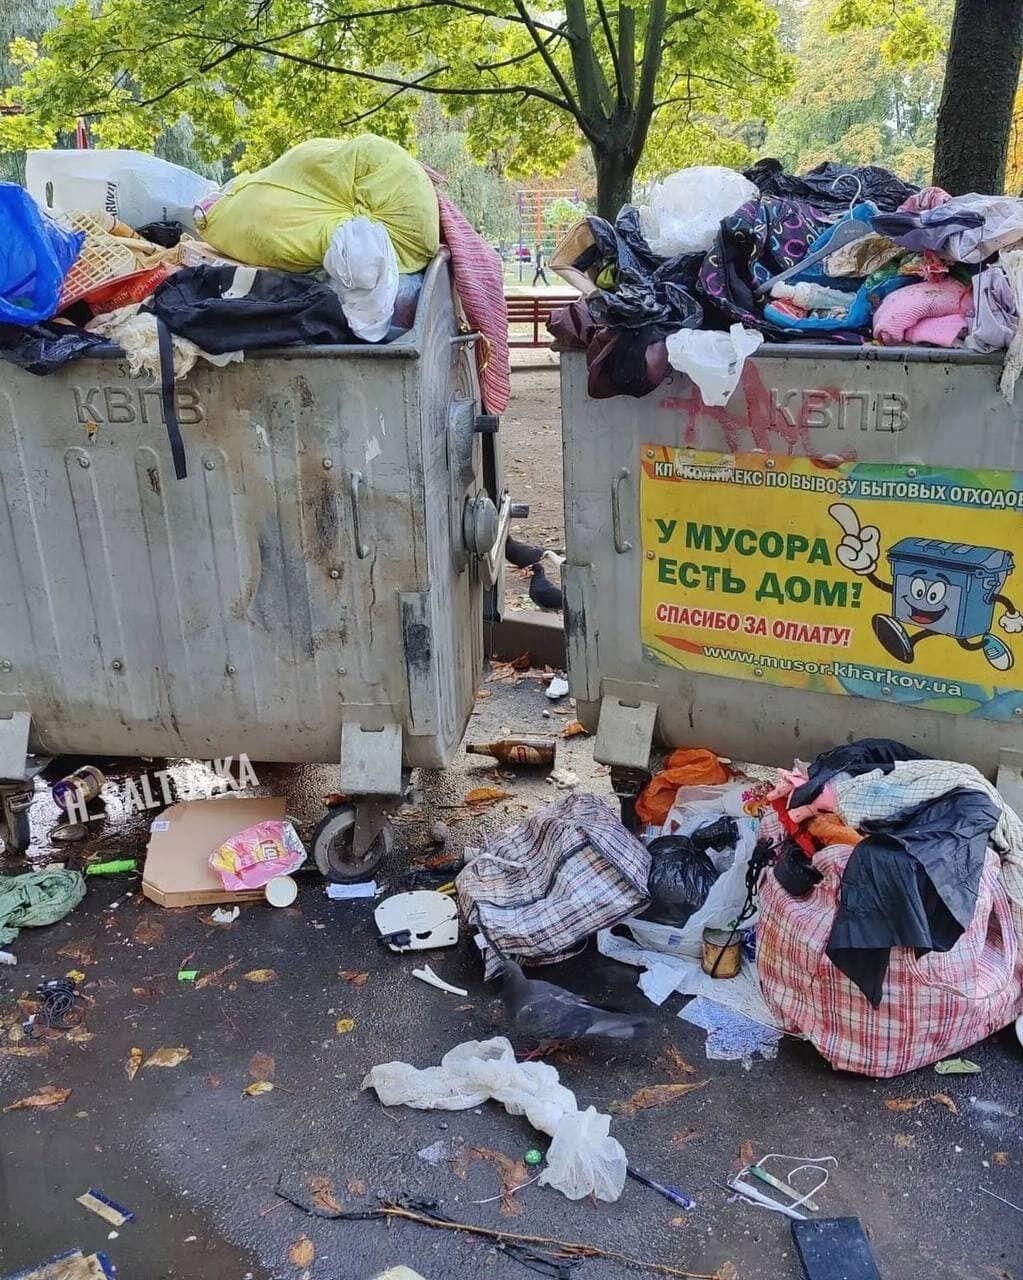 Вынесенный мусор на входе в квартире забил все баки.